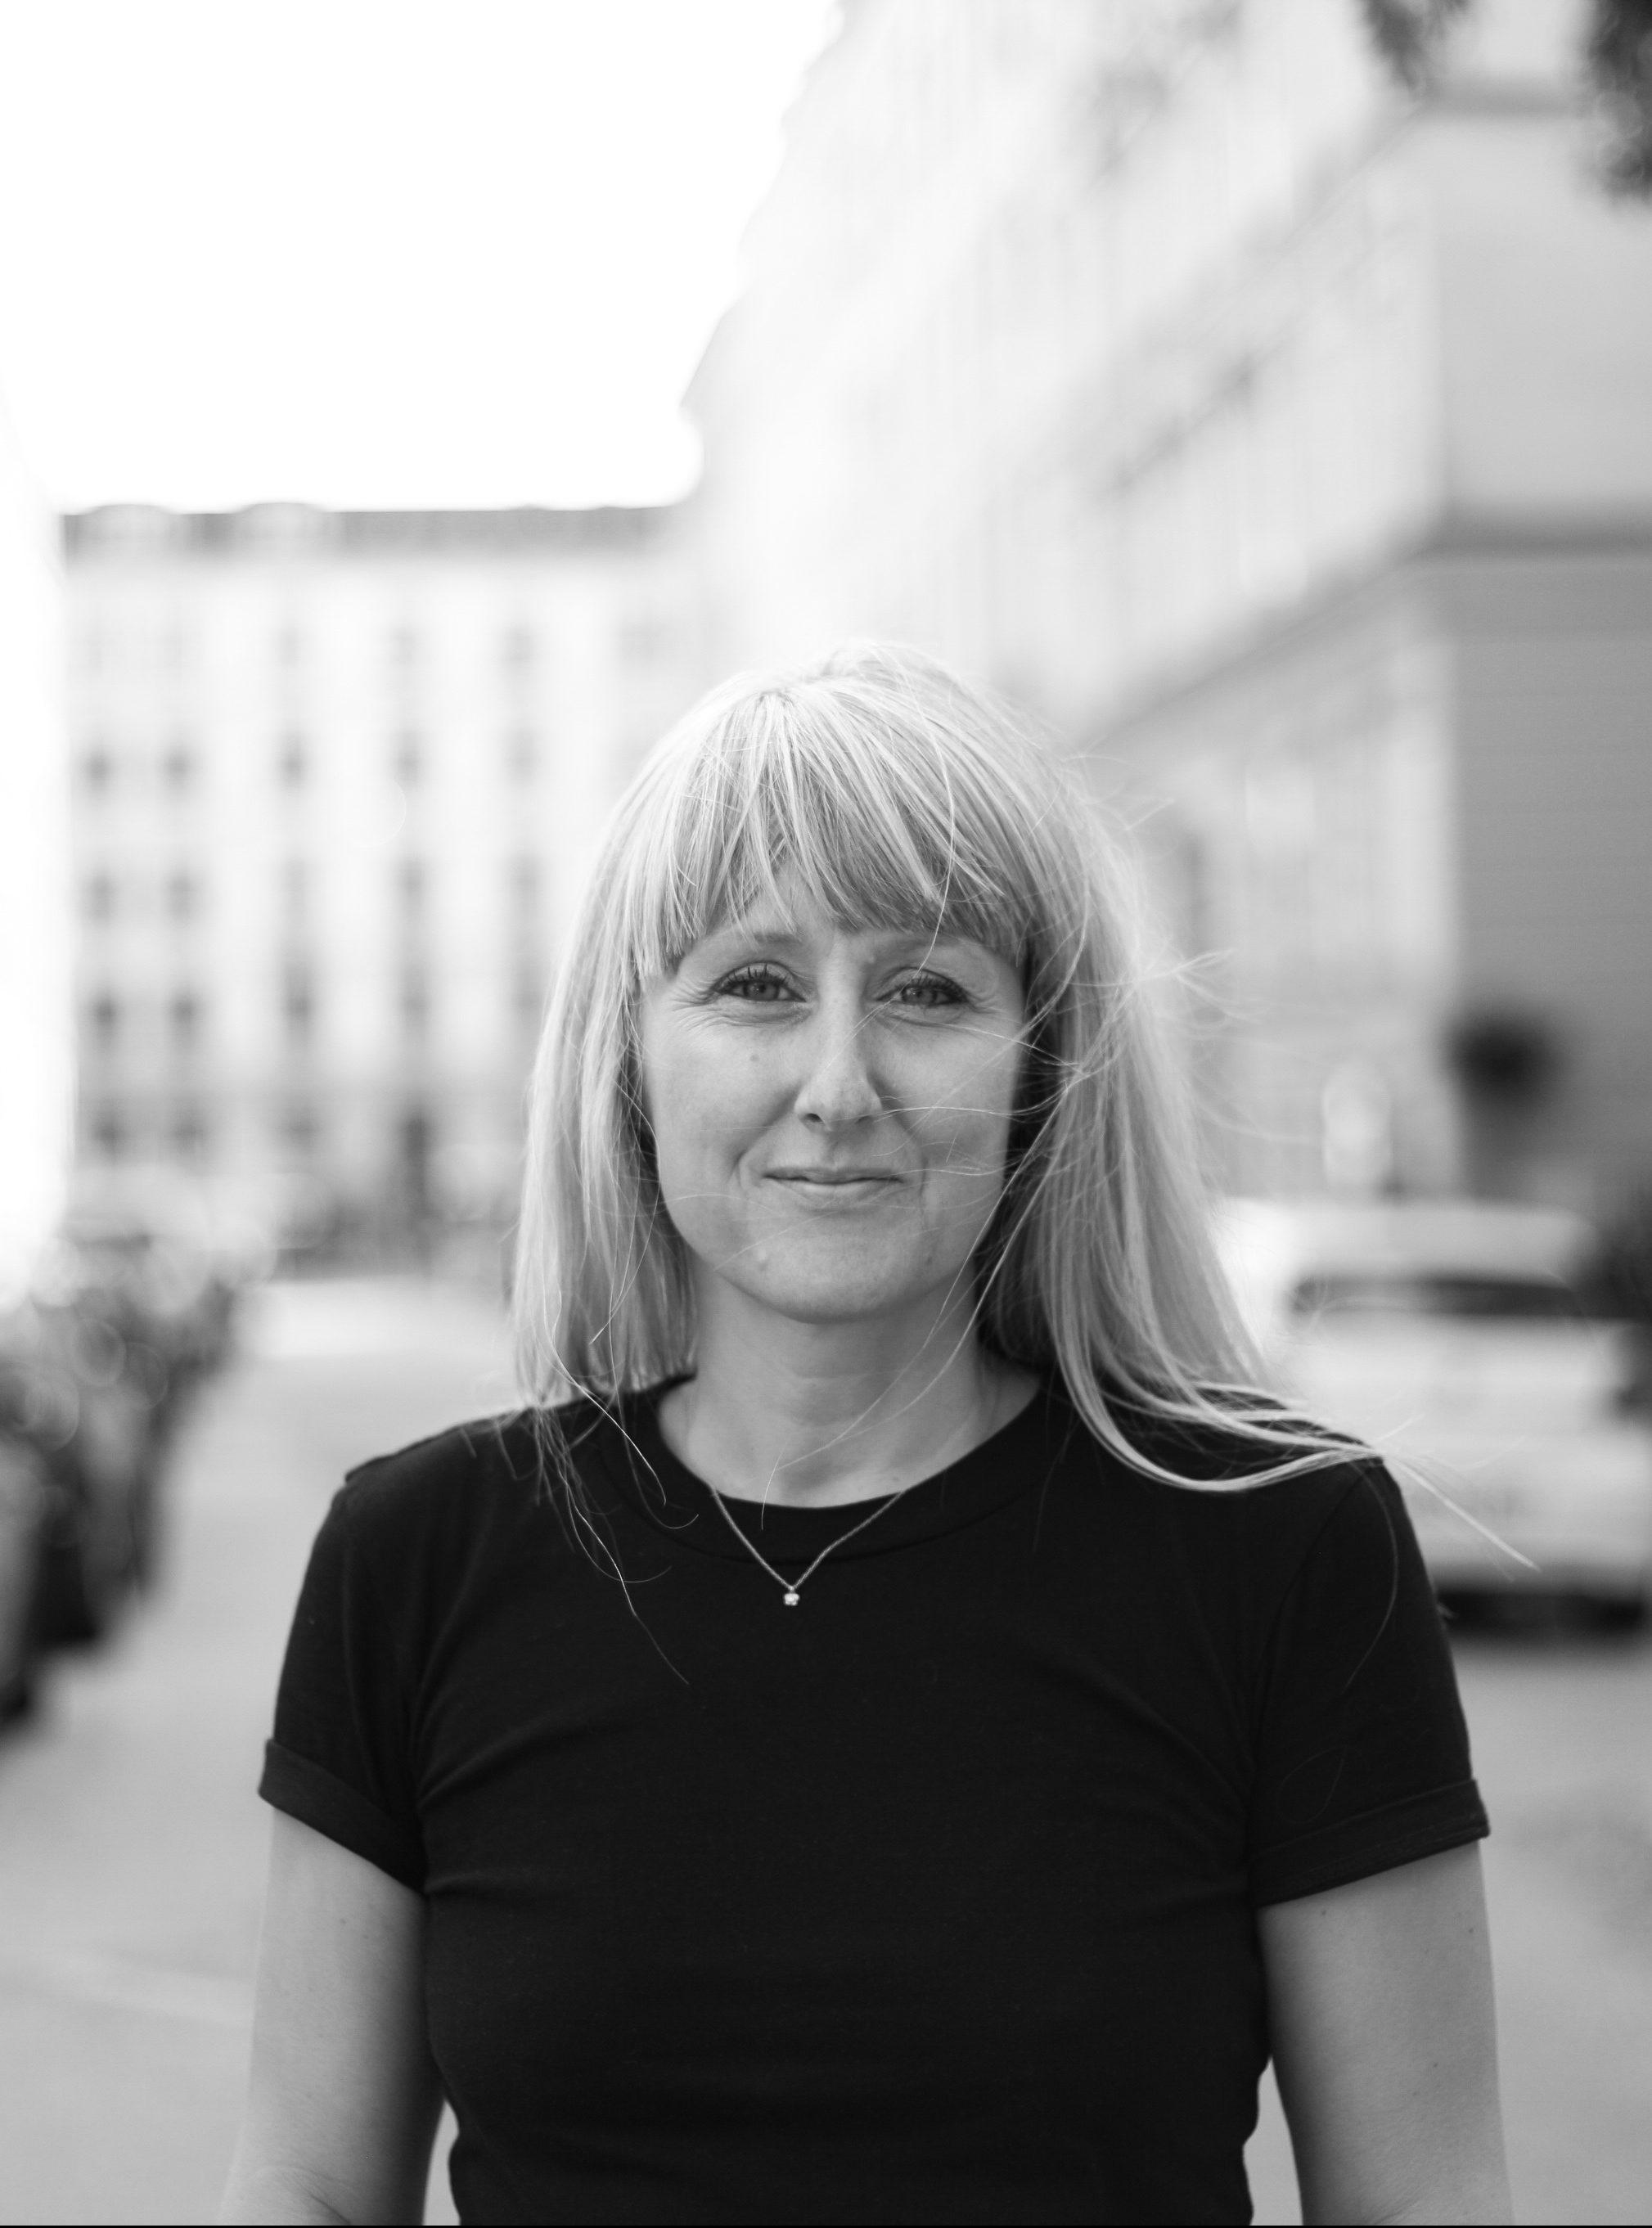 Jeanette Frisk